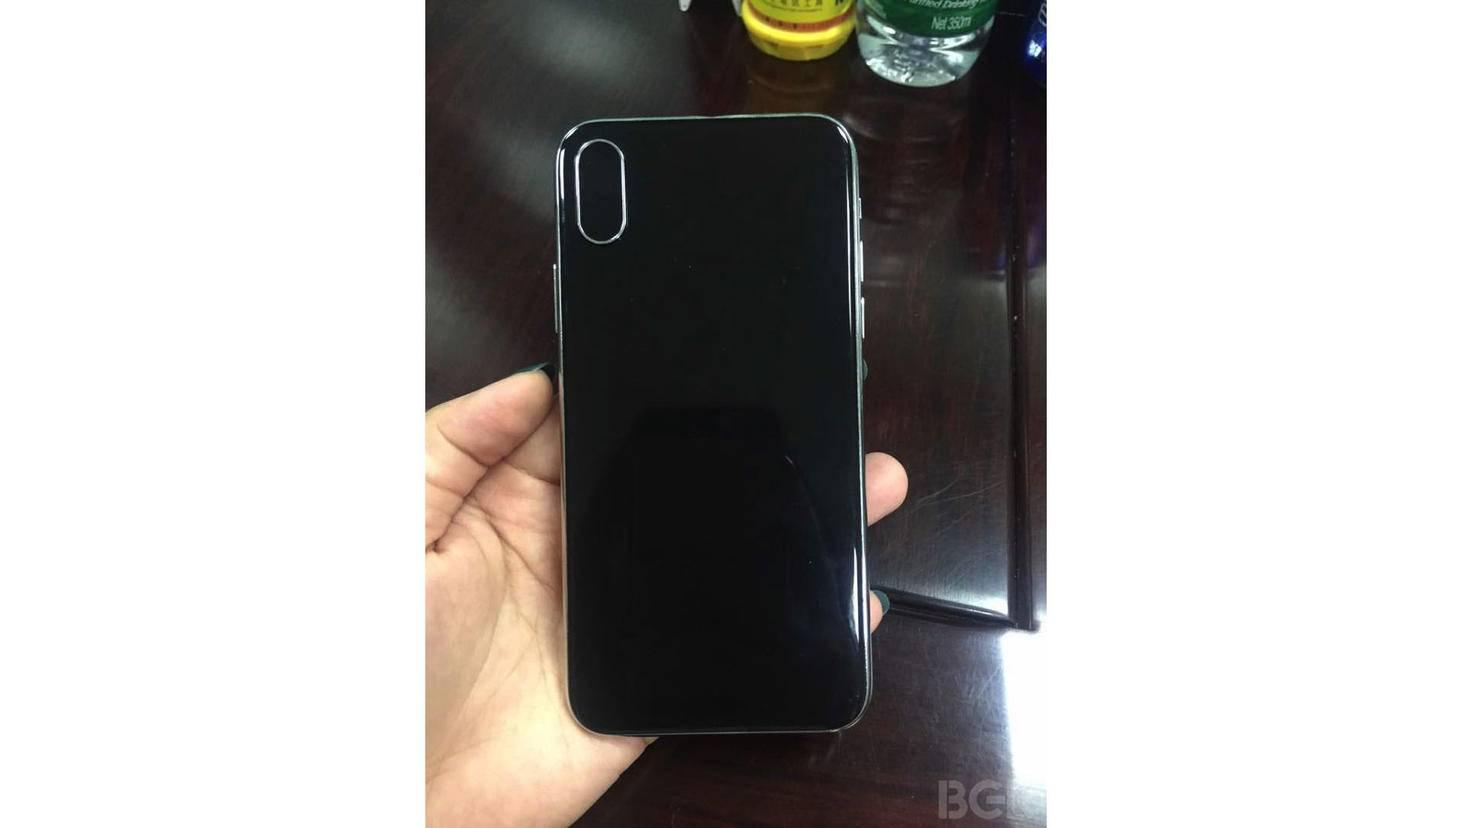 Vertikale Dual-Kamera, aber kein Touch ID-Sensor: So soll die Rückseite des iPhone 8 aussehen.